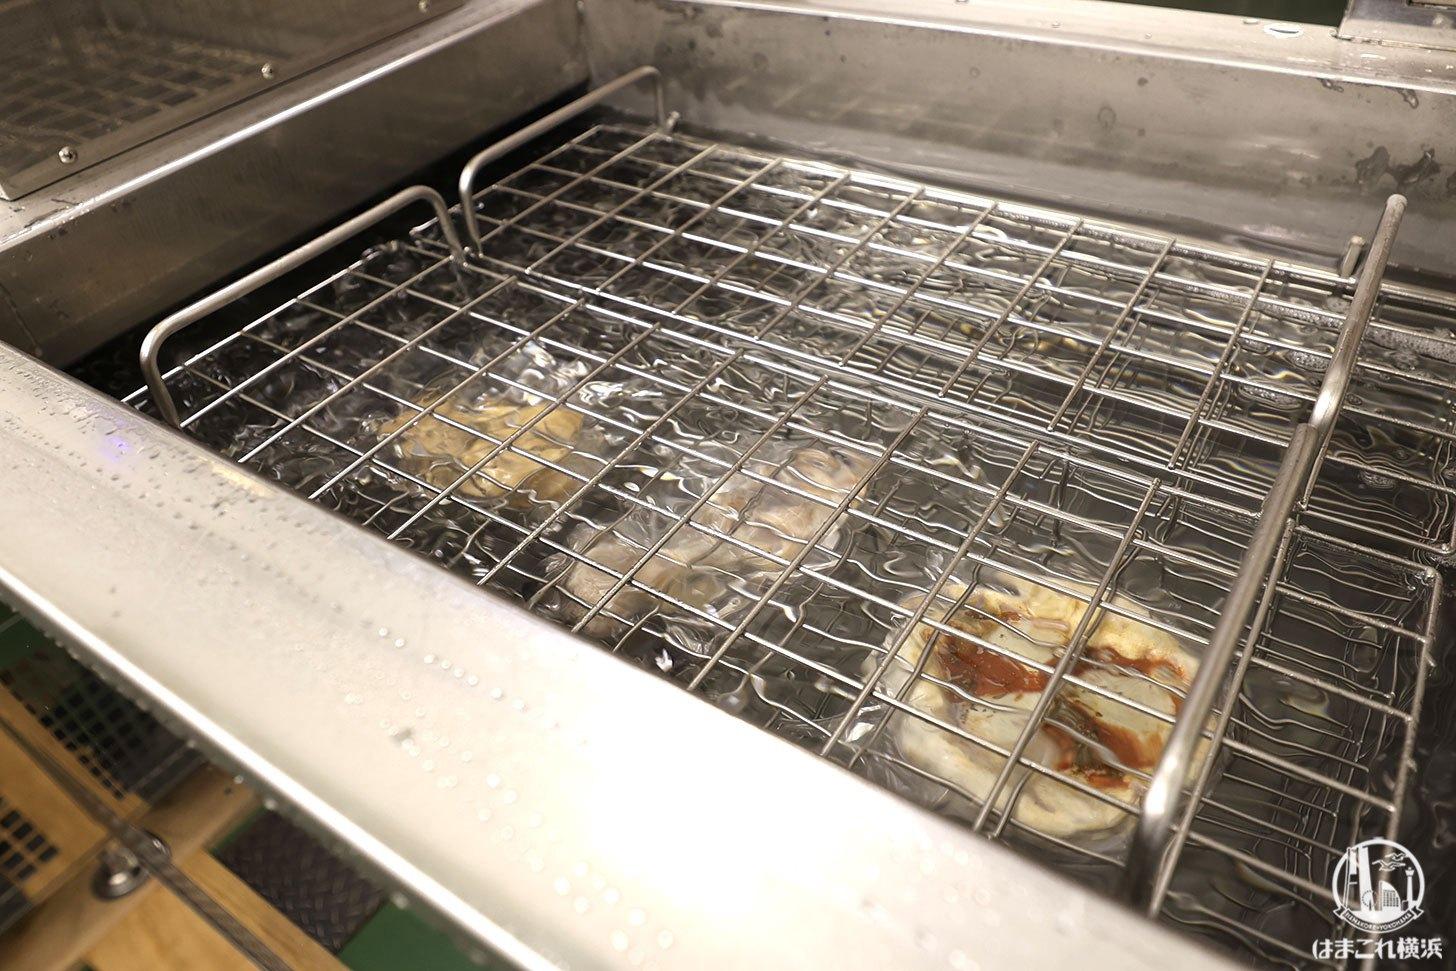 テク二カンの急速冷凍